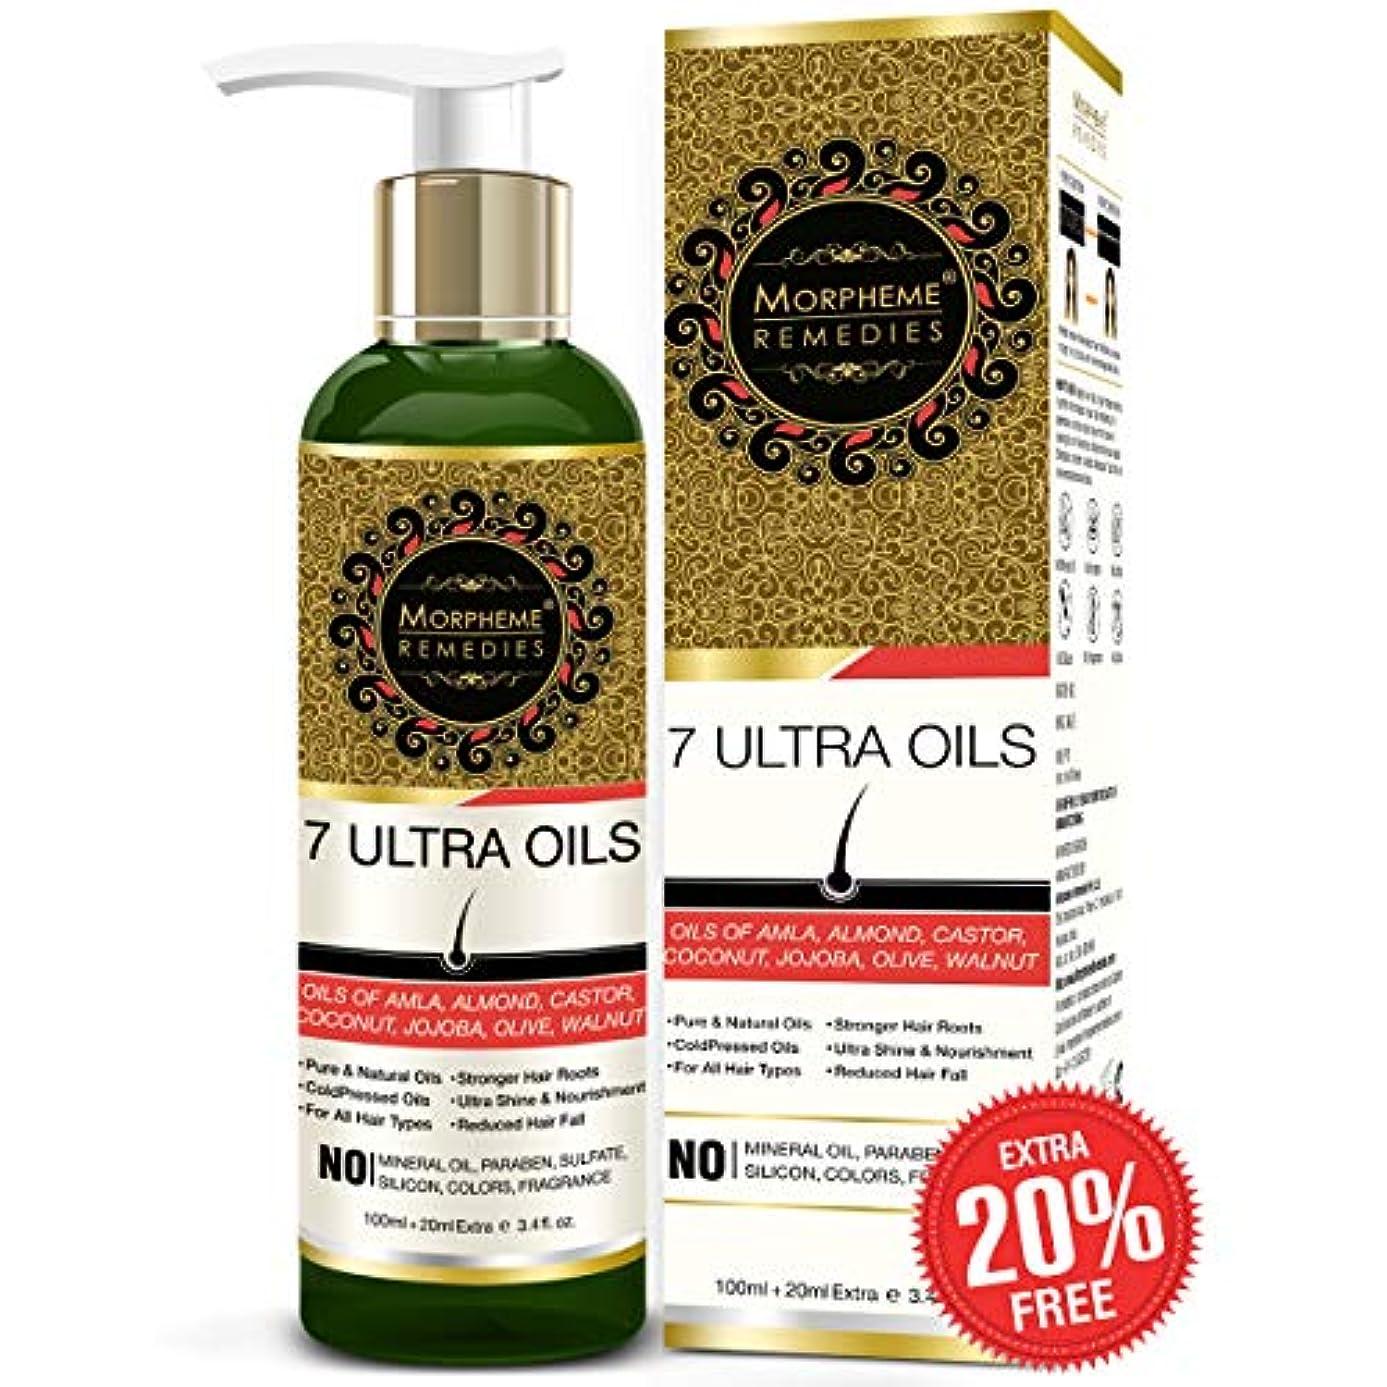 繰り返し役に立つホバートMorpheme Remedies 7 Ultra Hair Oil - (Almond, Castor, Jojoba, Coconut, Olive, Walnut, Amla Oils) - 120 ml